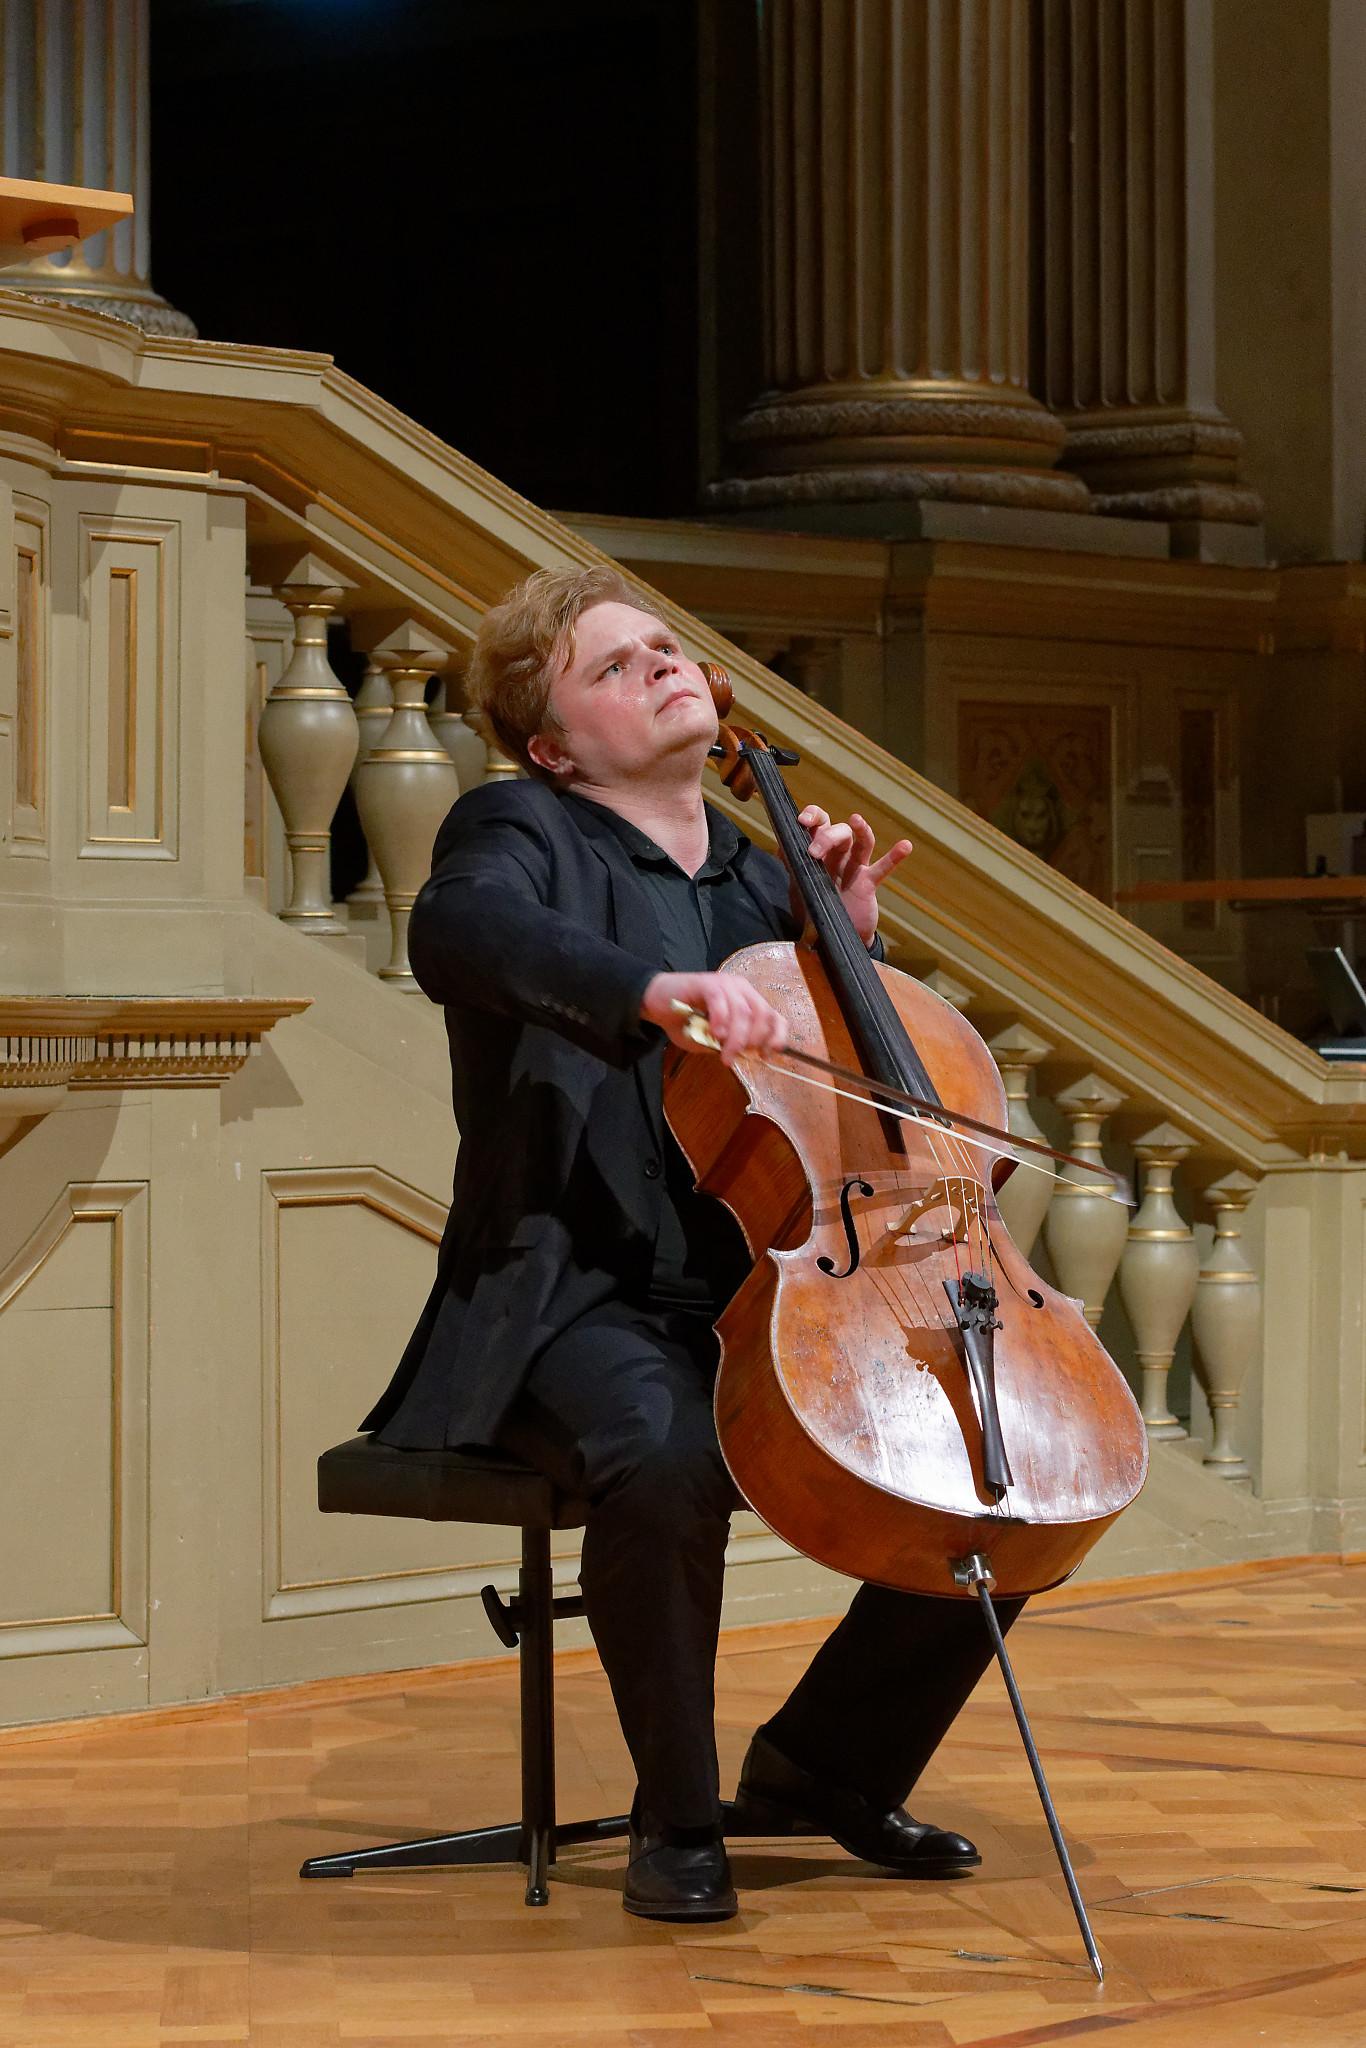 Lev Sivkov @ Semper-Aula, ETH Zurich, 2020-01-21 (© Rolf Kyburz)